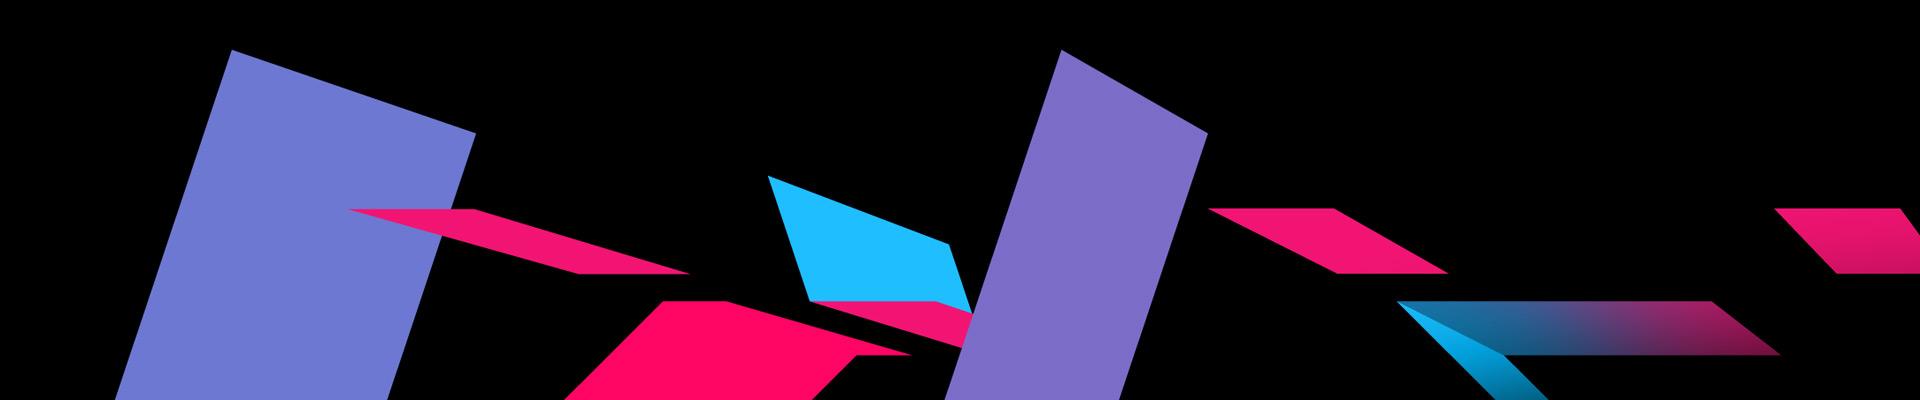 Création de logo, Chalon, graphiste en Saône et Loire